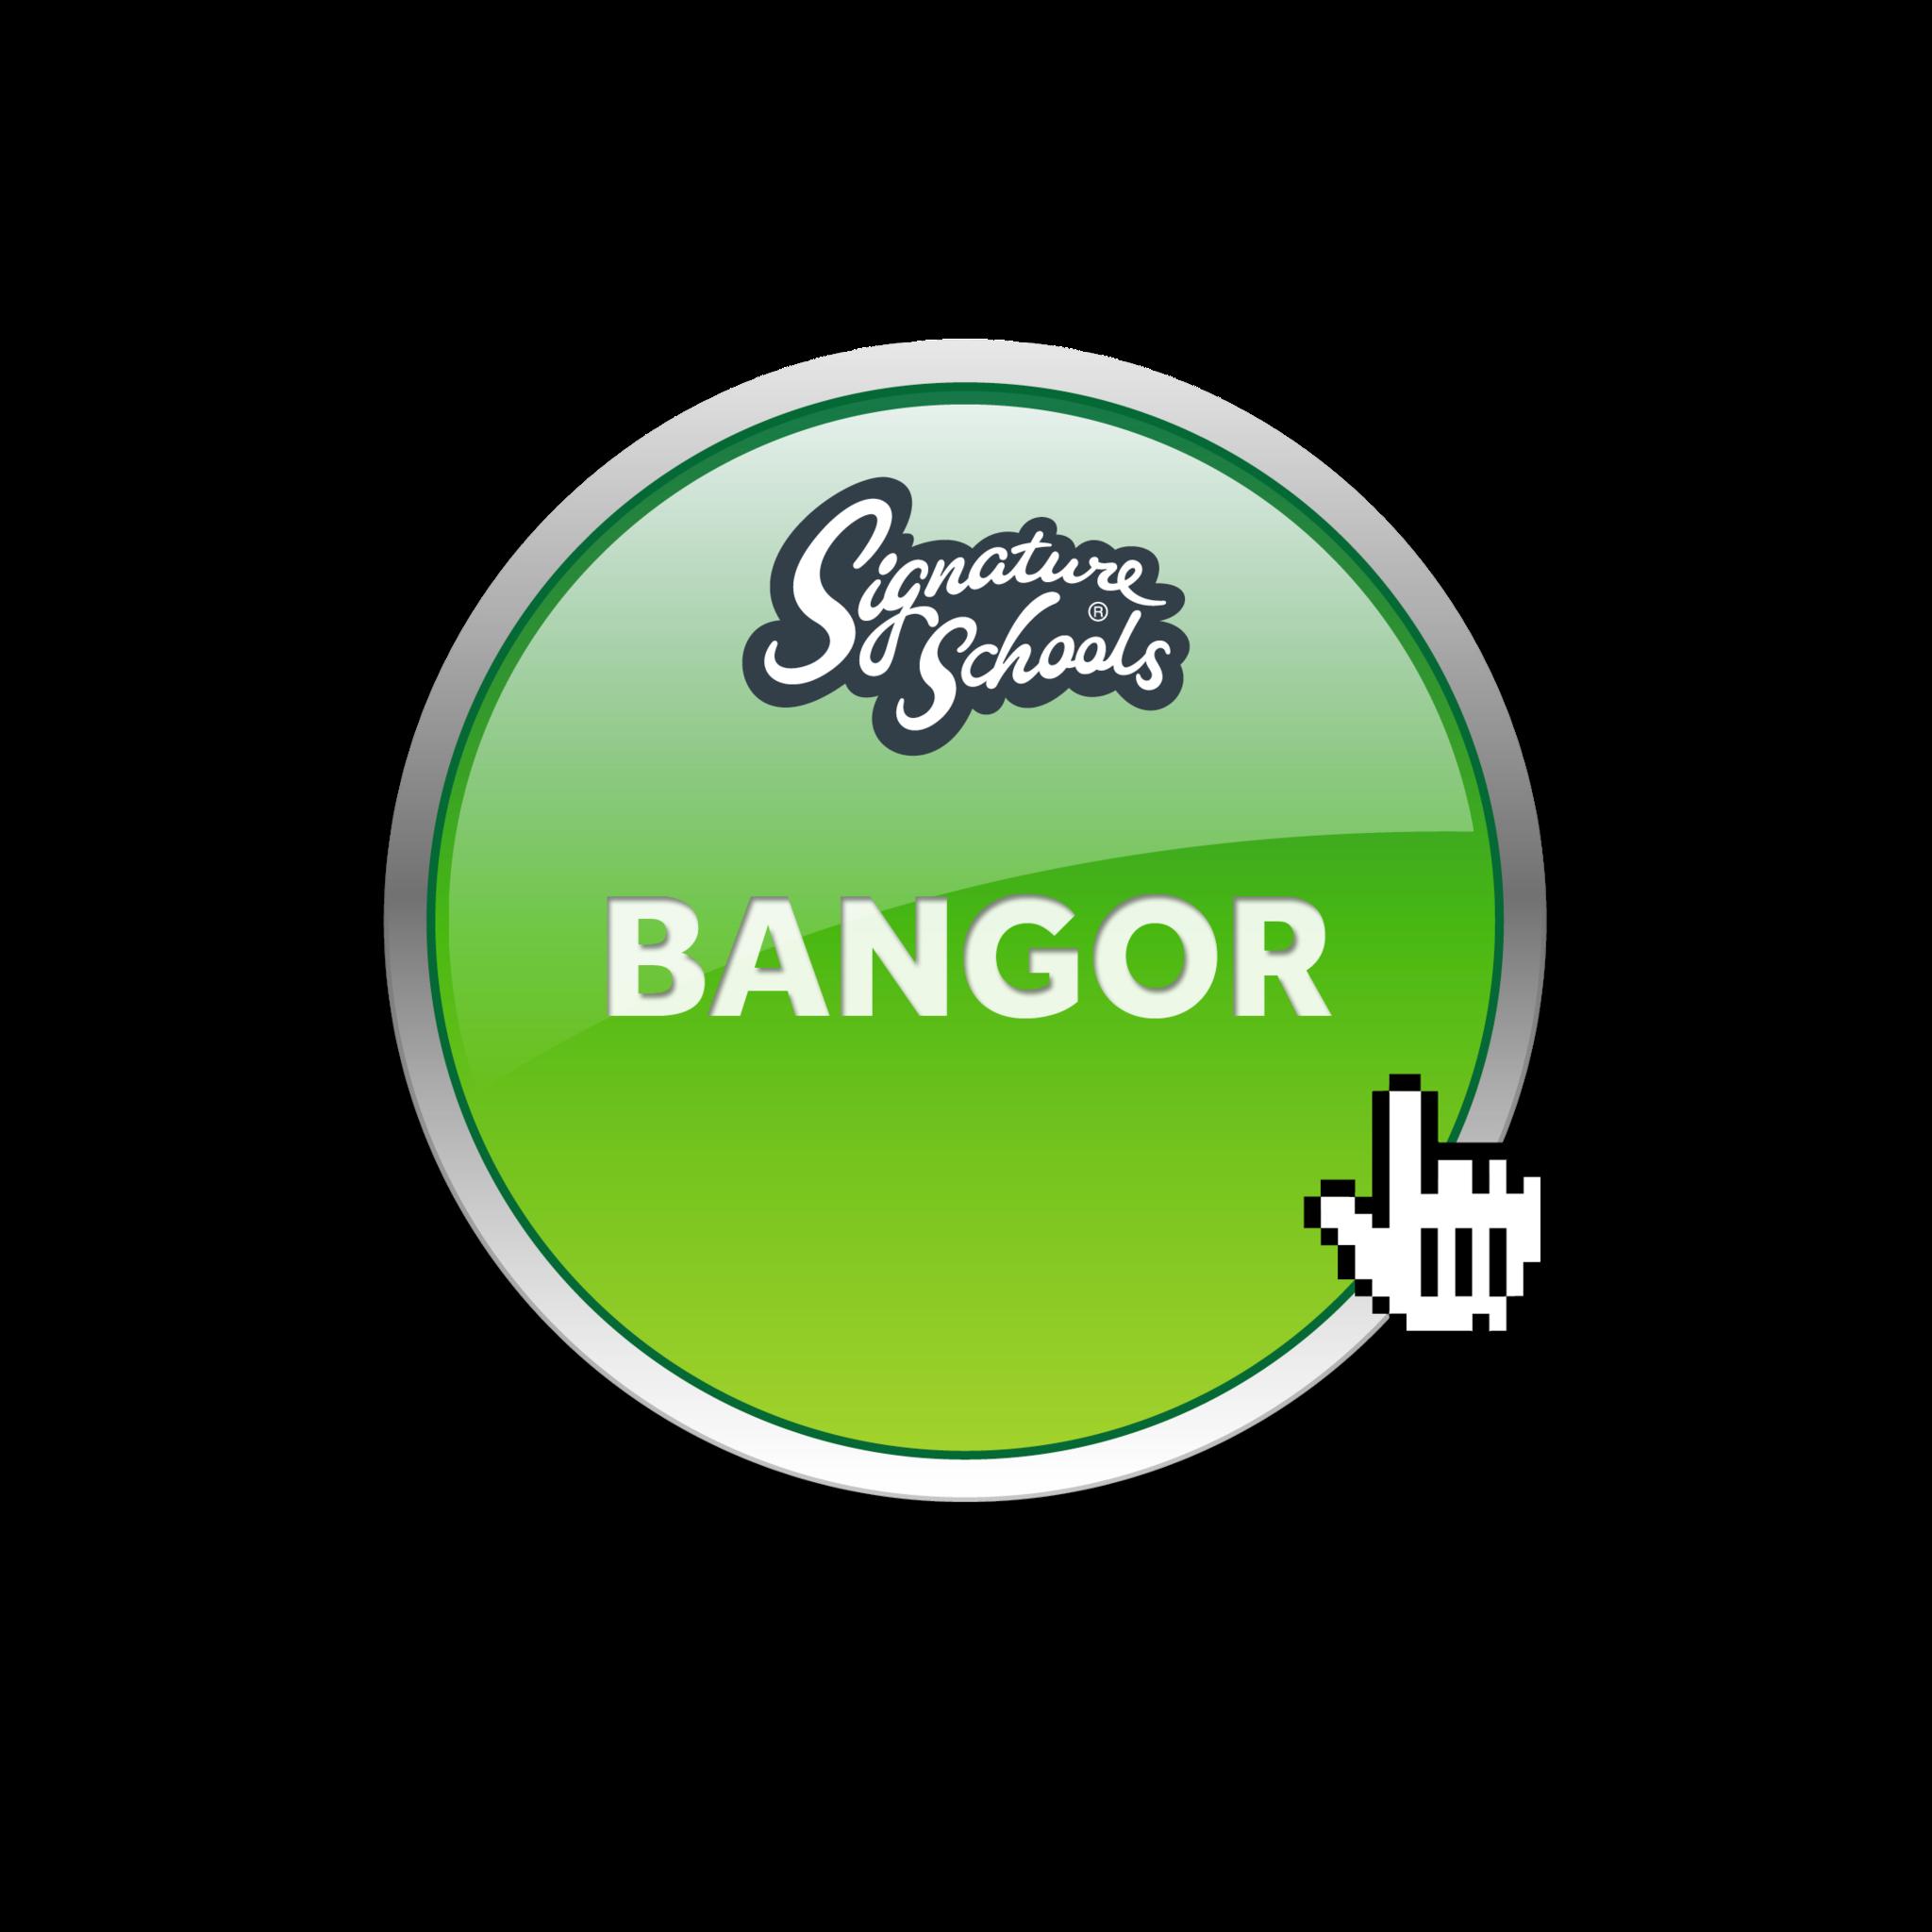 Signature Schools Bangor